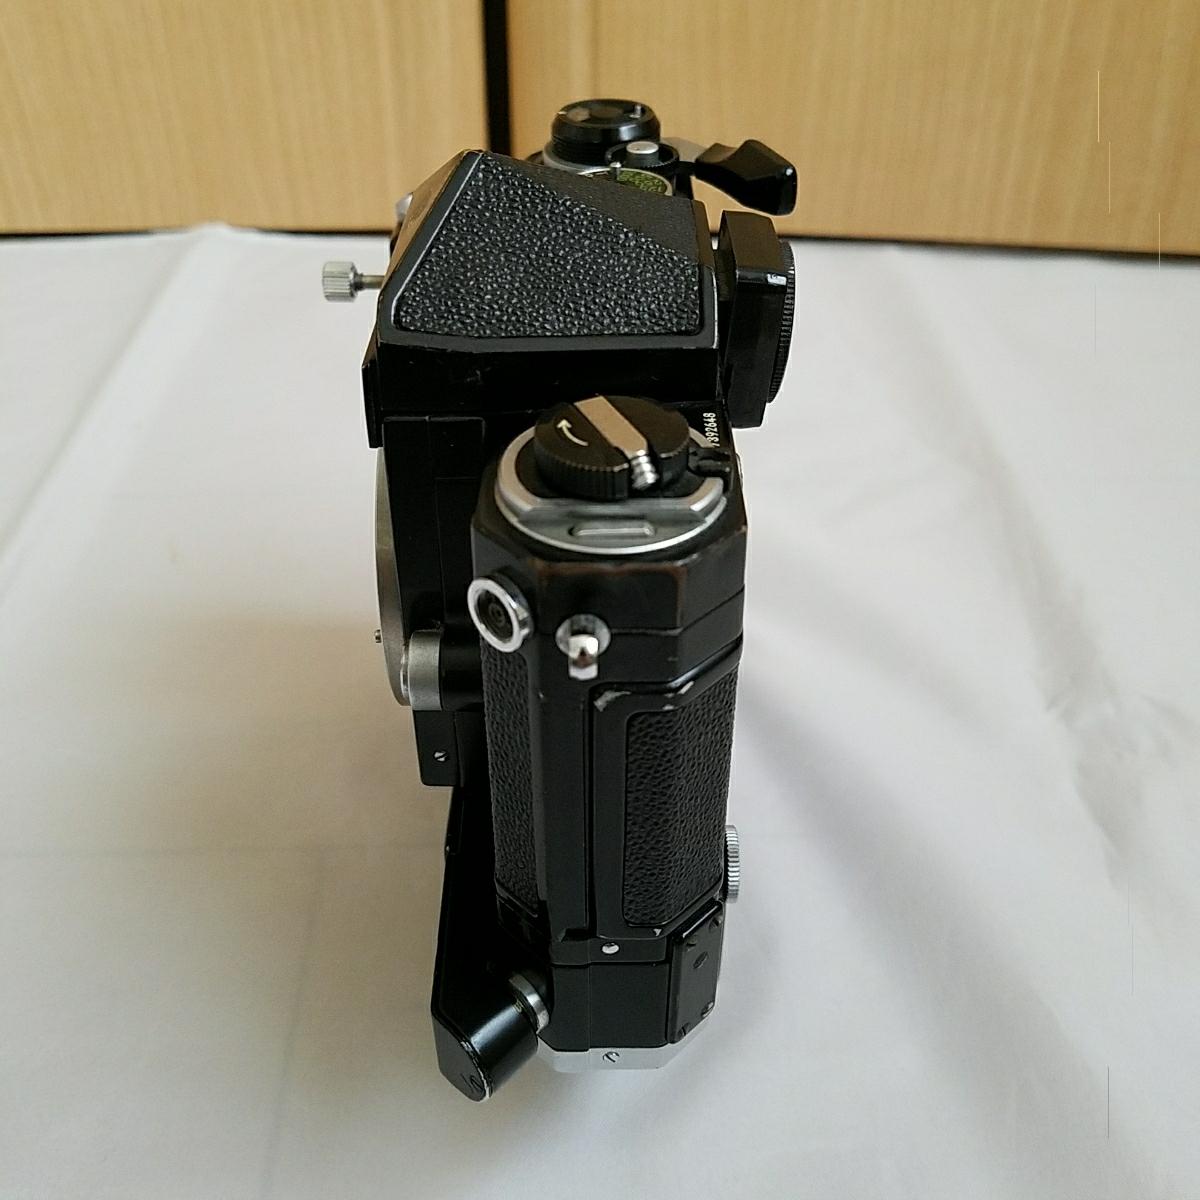 ニコン Nikon F アイレベル F36 MOTOR DRIVE フィルムカメラ_画像4